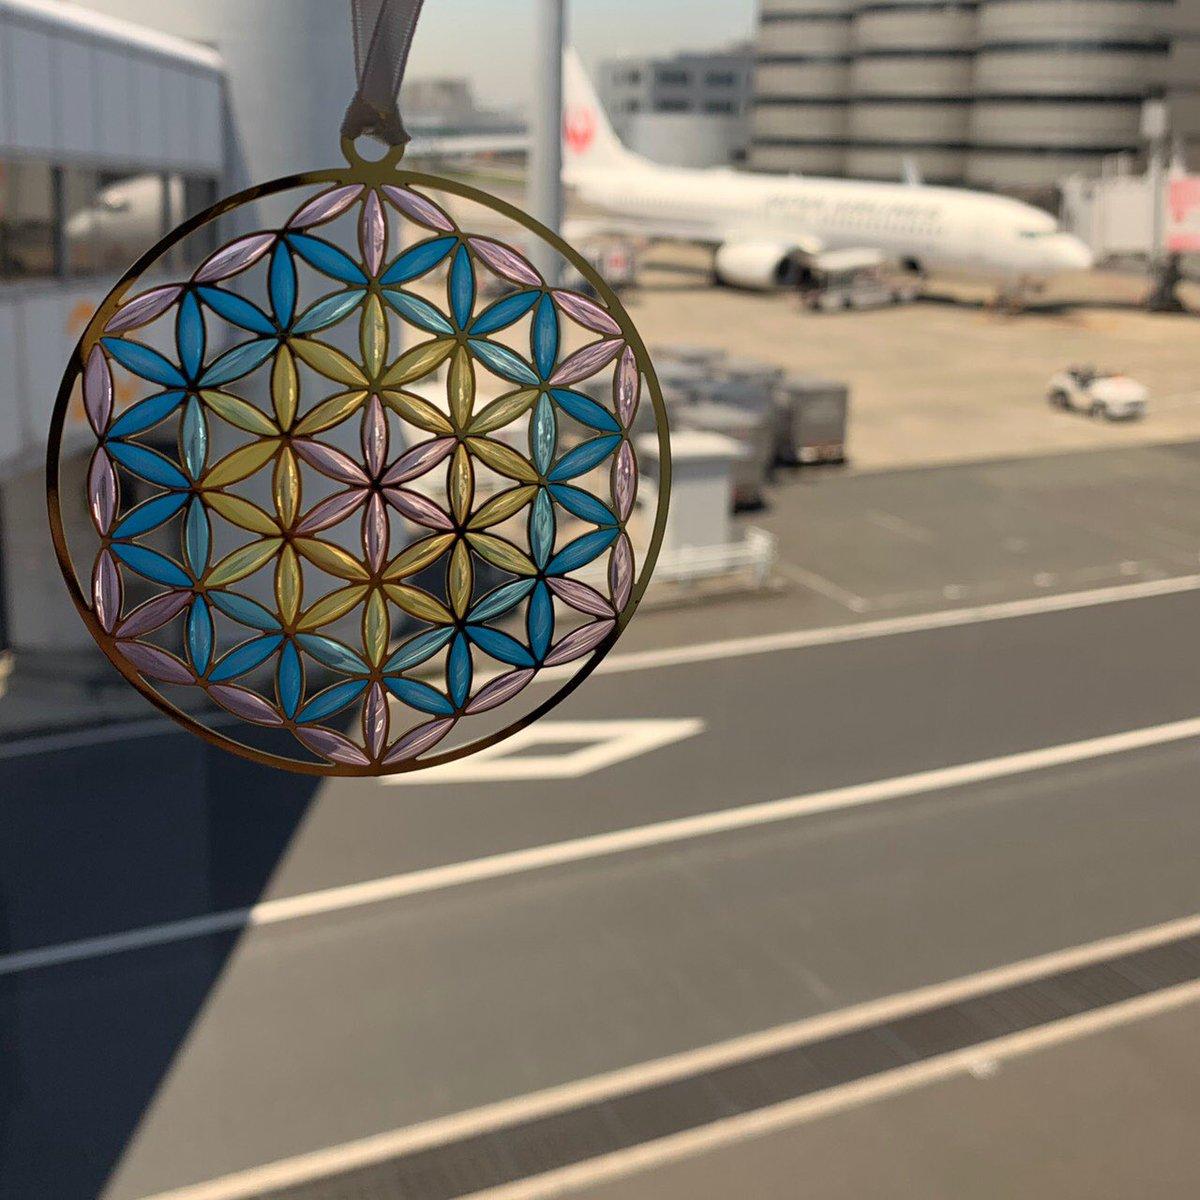 『うさやusa-ya』にようこそ 先日、出張に行ってきました。 その時に羽田空港で飛行機をバックにパシャリ📸  #うさや #羽田空港 #飛行機 #フラワーオブライフ #うさやのフラワーオブライフ #神聖幾何学 #神聖幾何学模様 #ヨガ #浄化 #ヒーリング #usaya #hanedaairport #airplane #floweroflife #yoga